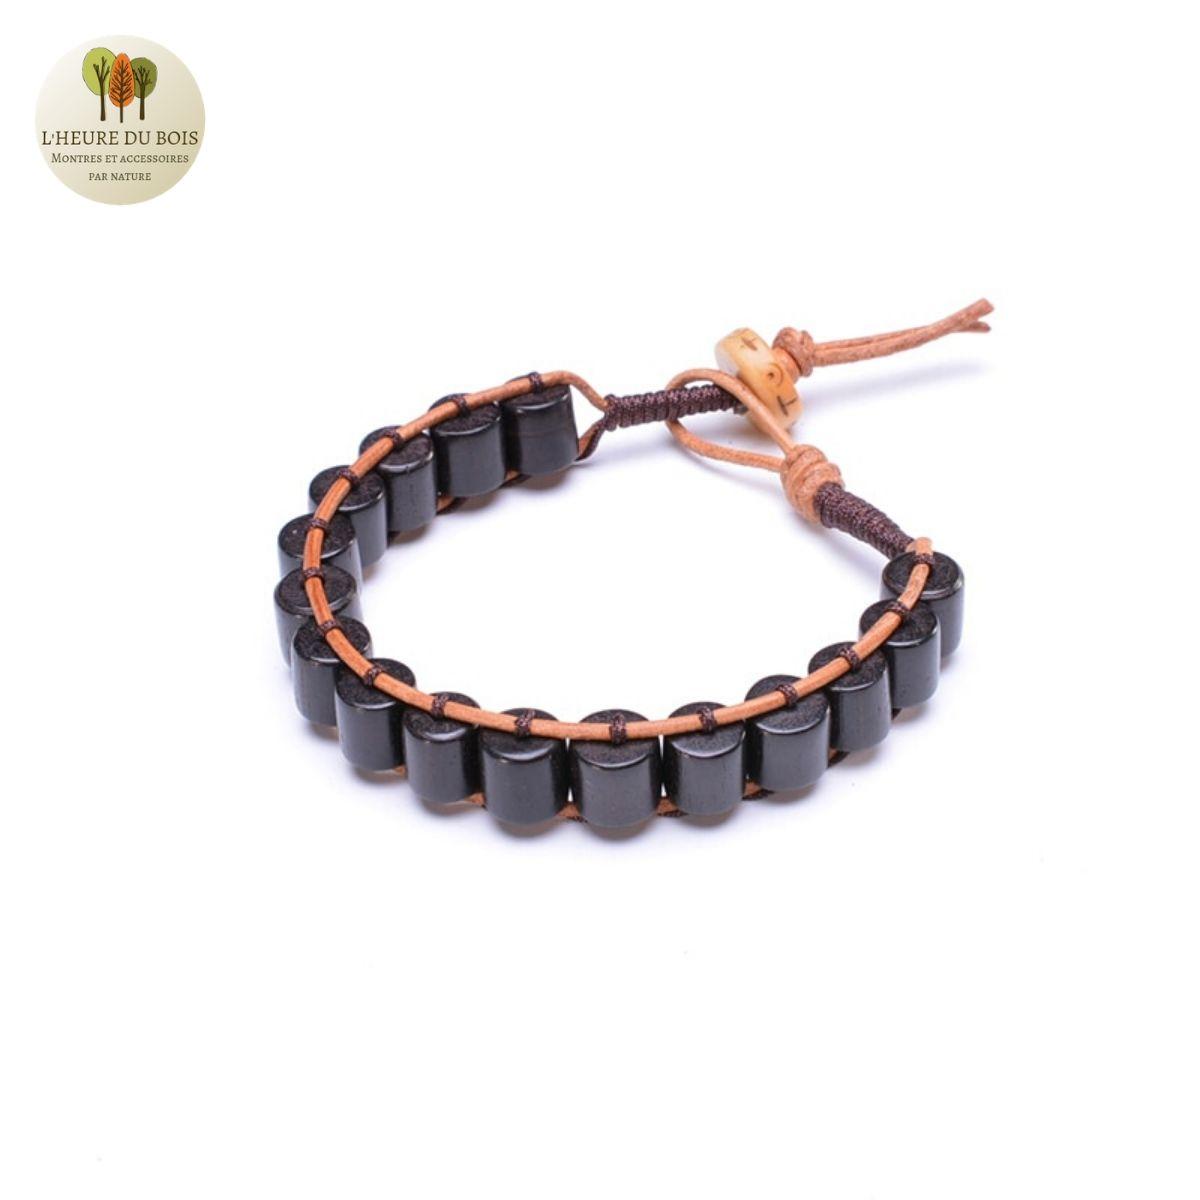 Bracelet en cuir tissé et bois